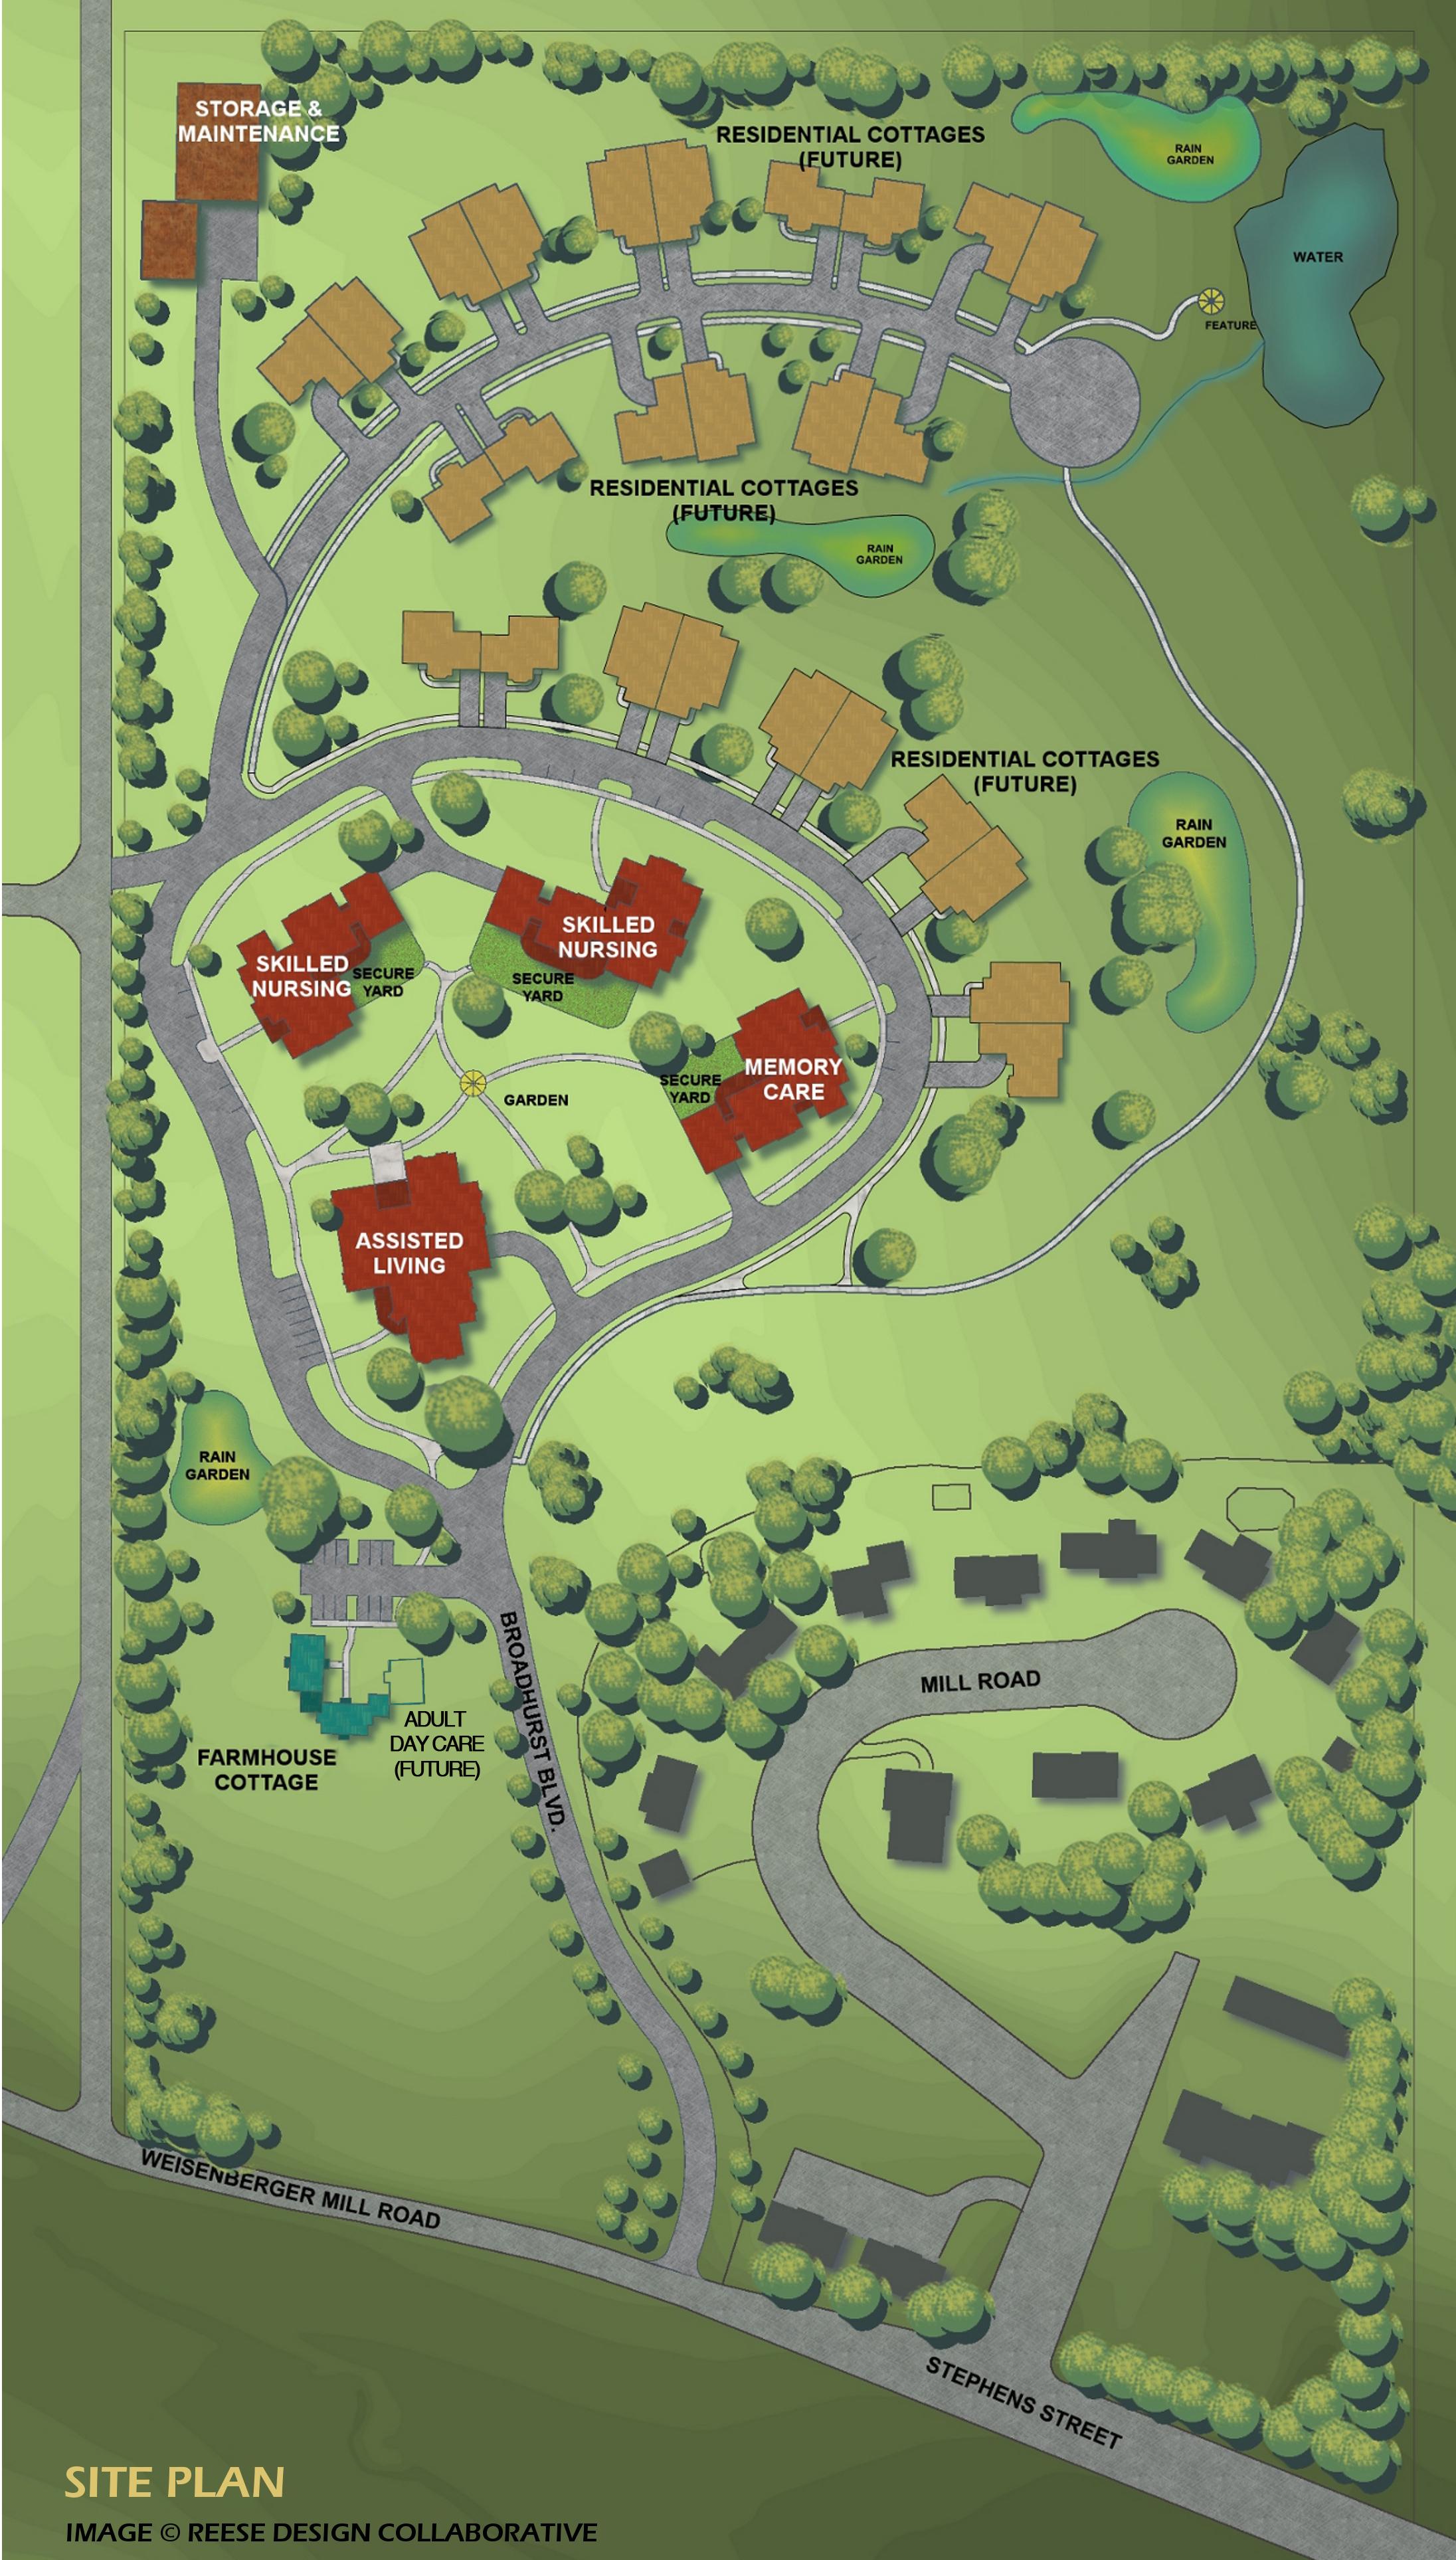 01-master-plan-site